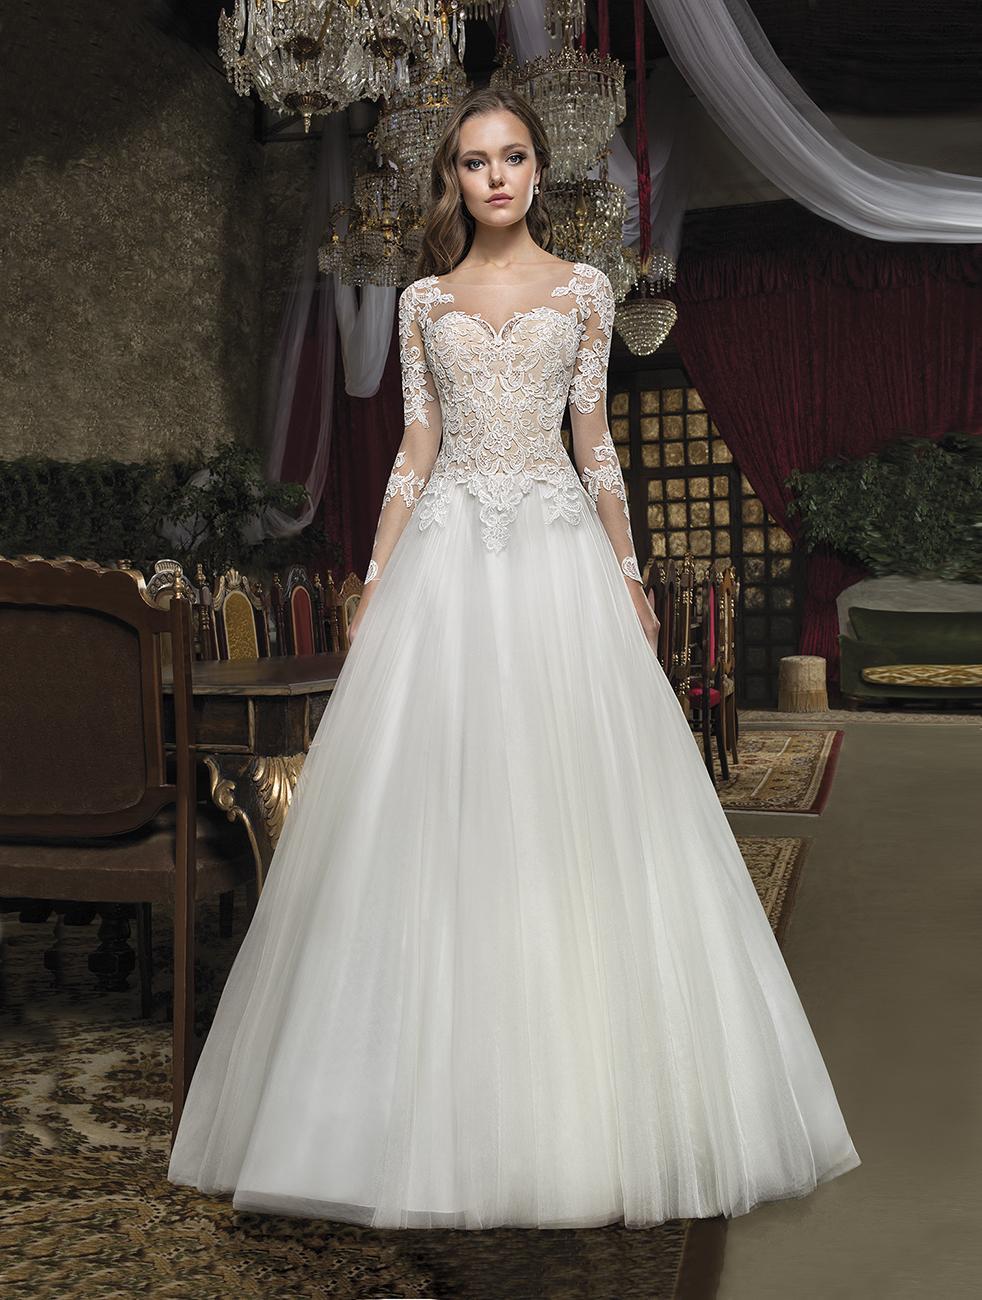 Svadobné šaty Cosmobella - Obrázok č. 1